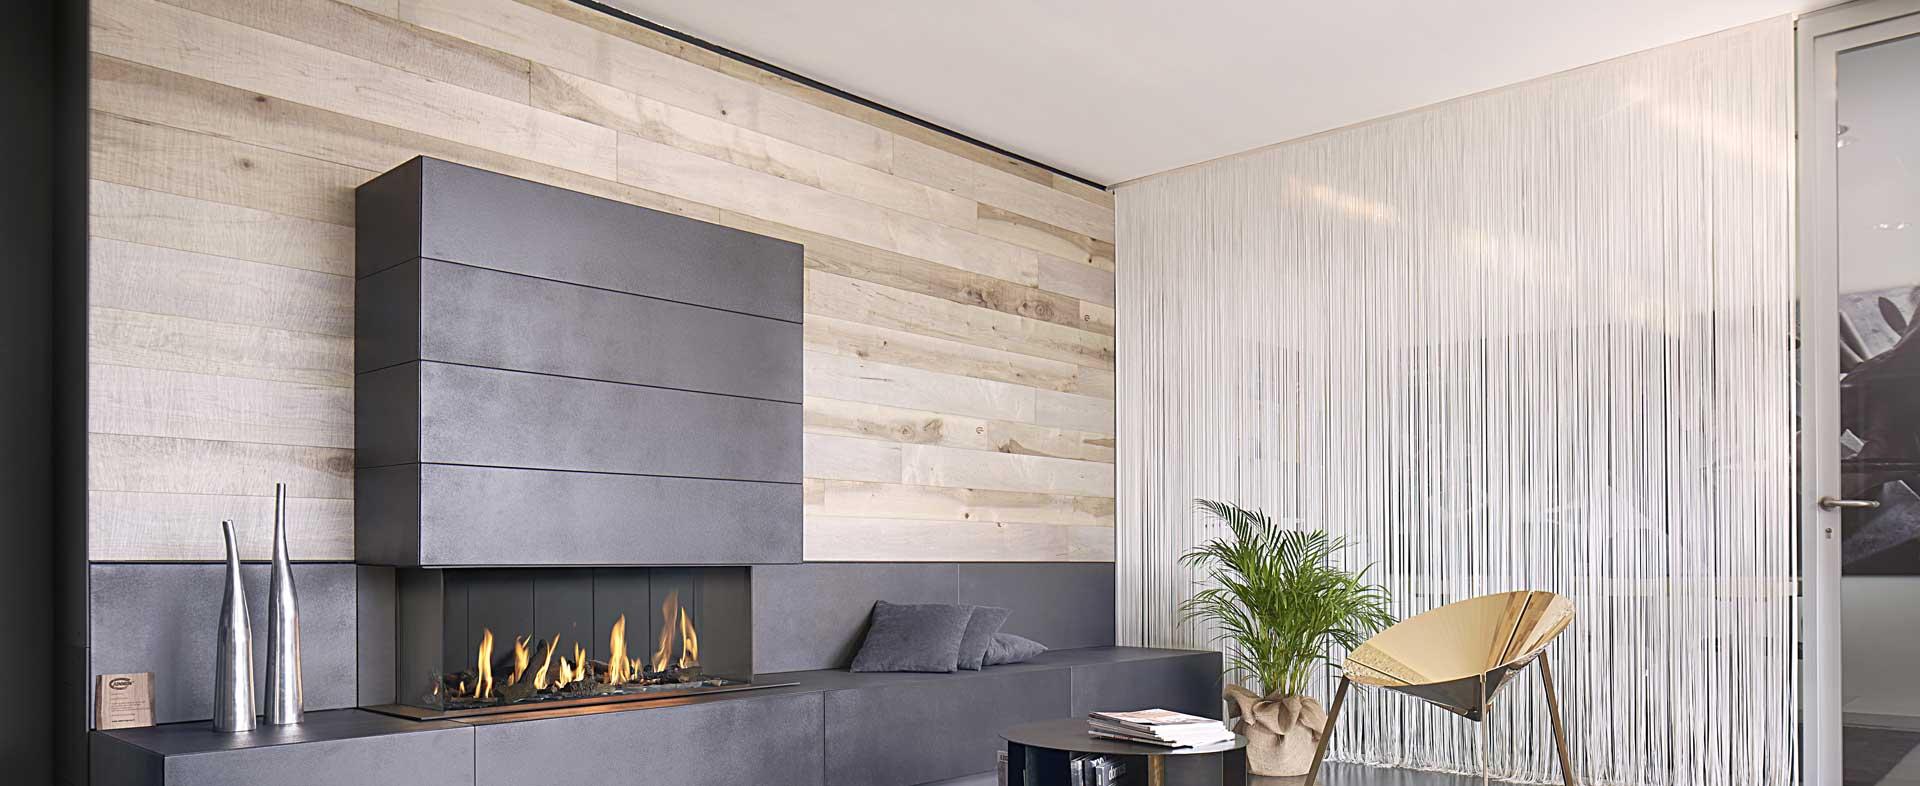 Posa Parquet Orizzontale O Verticale rivestimenti in legno a parete, boiseries - cadorin